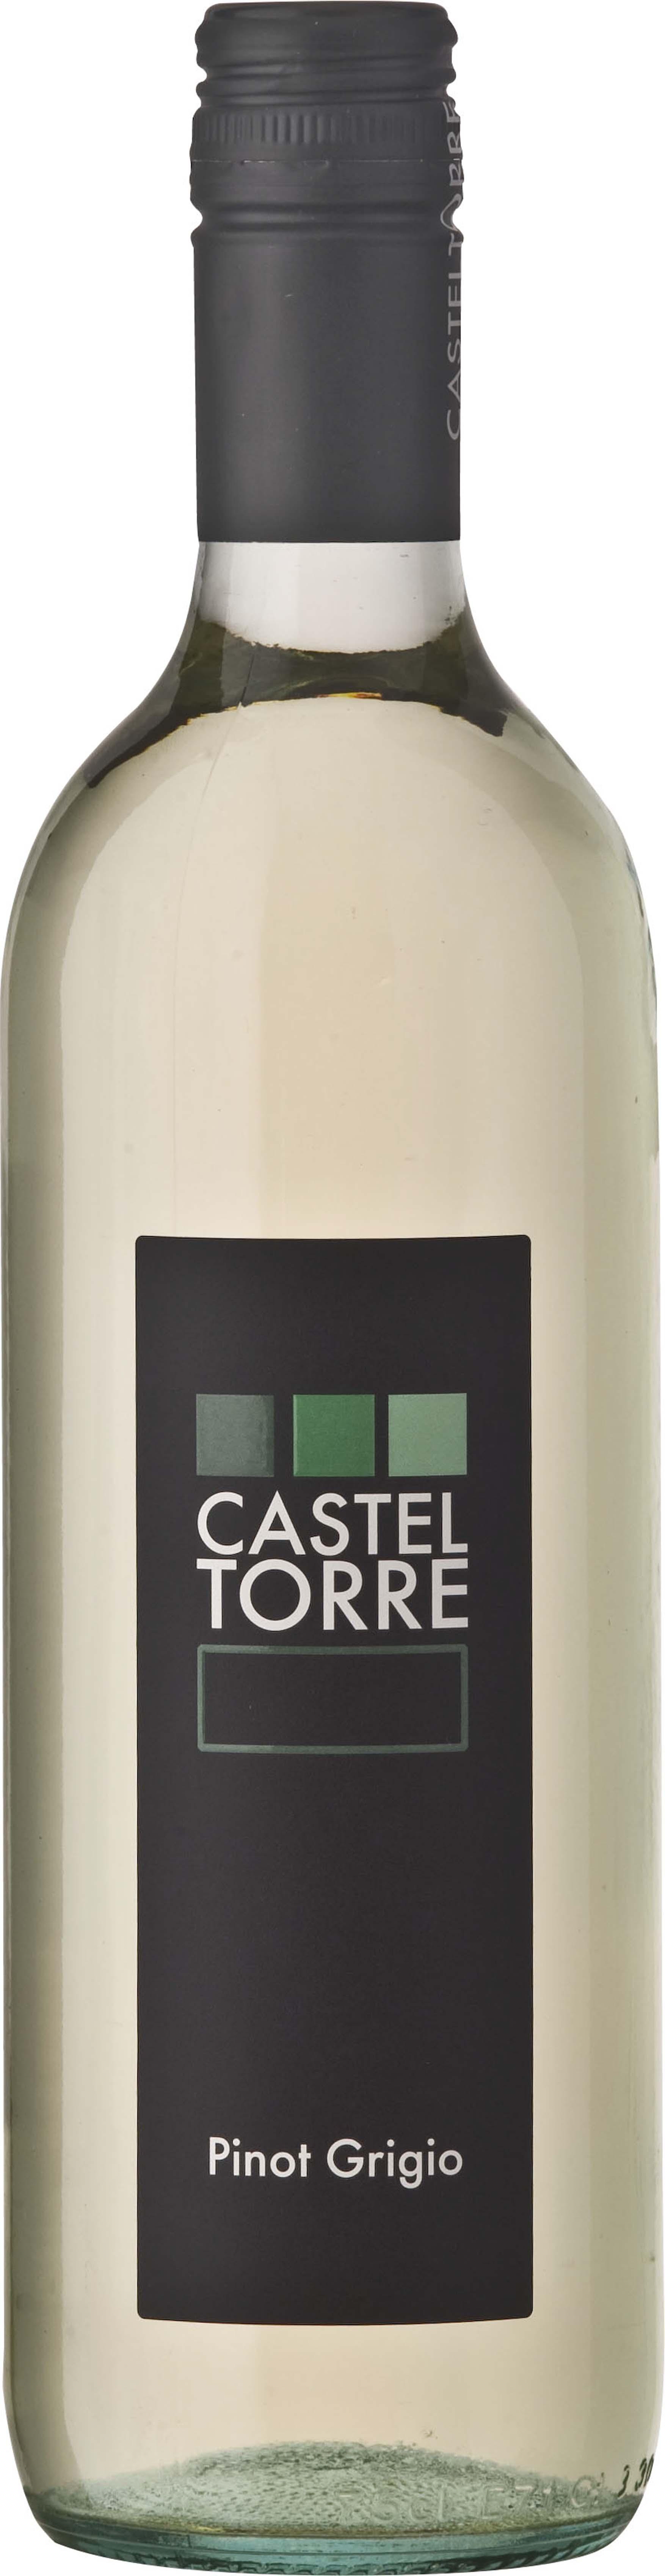 casteltorre-pinot-grigio-igt-venezie_2418